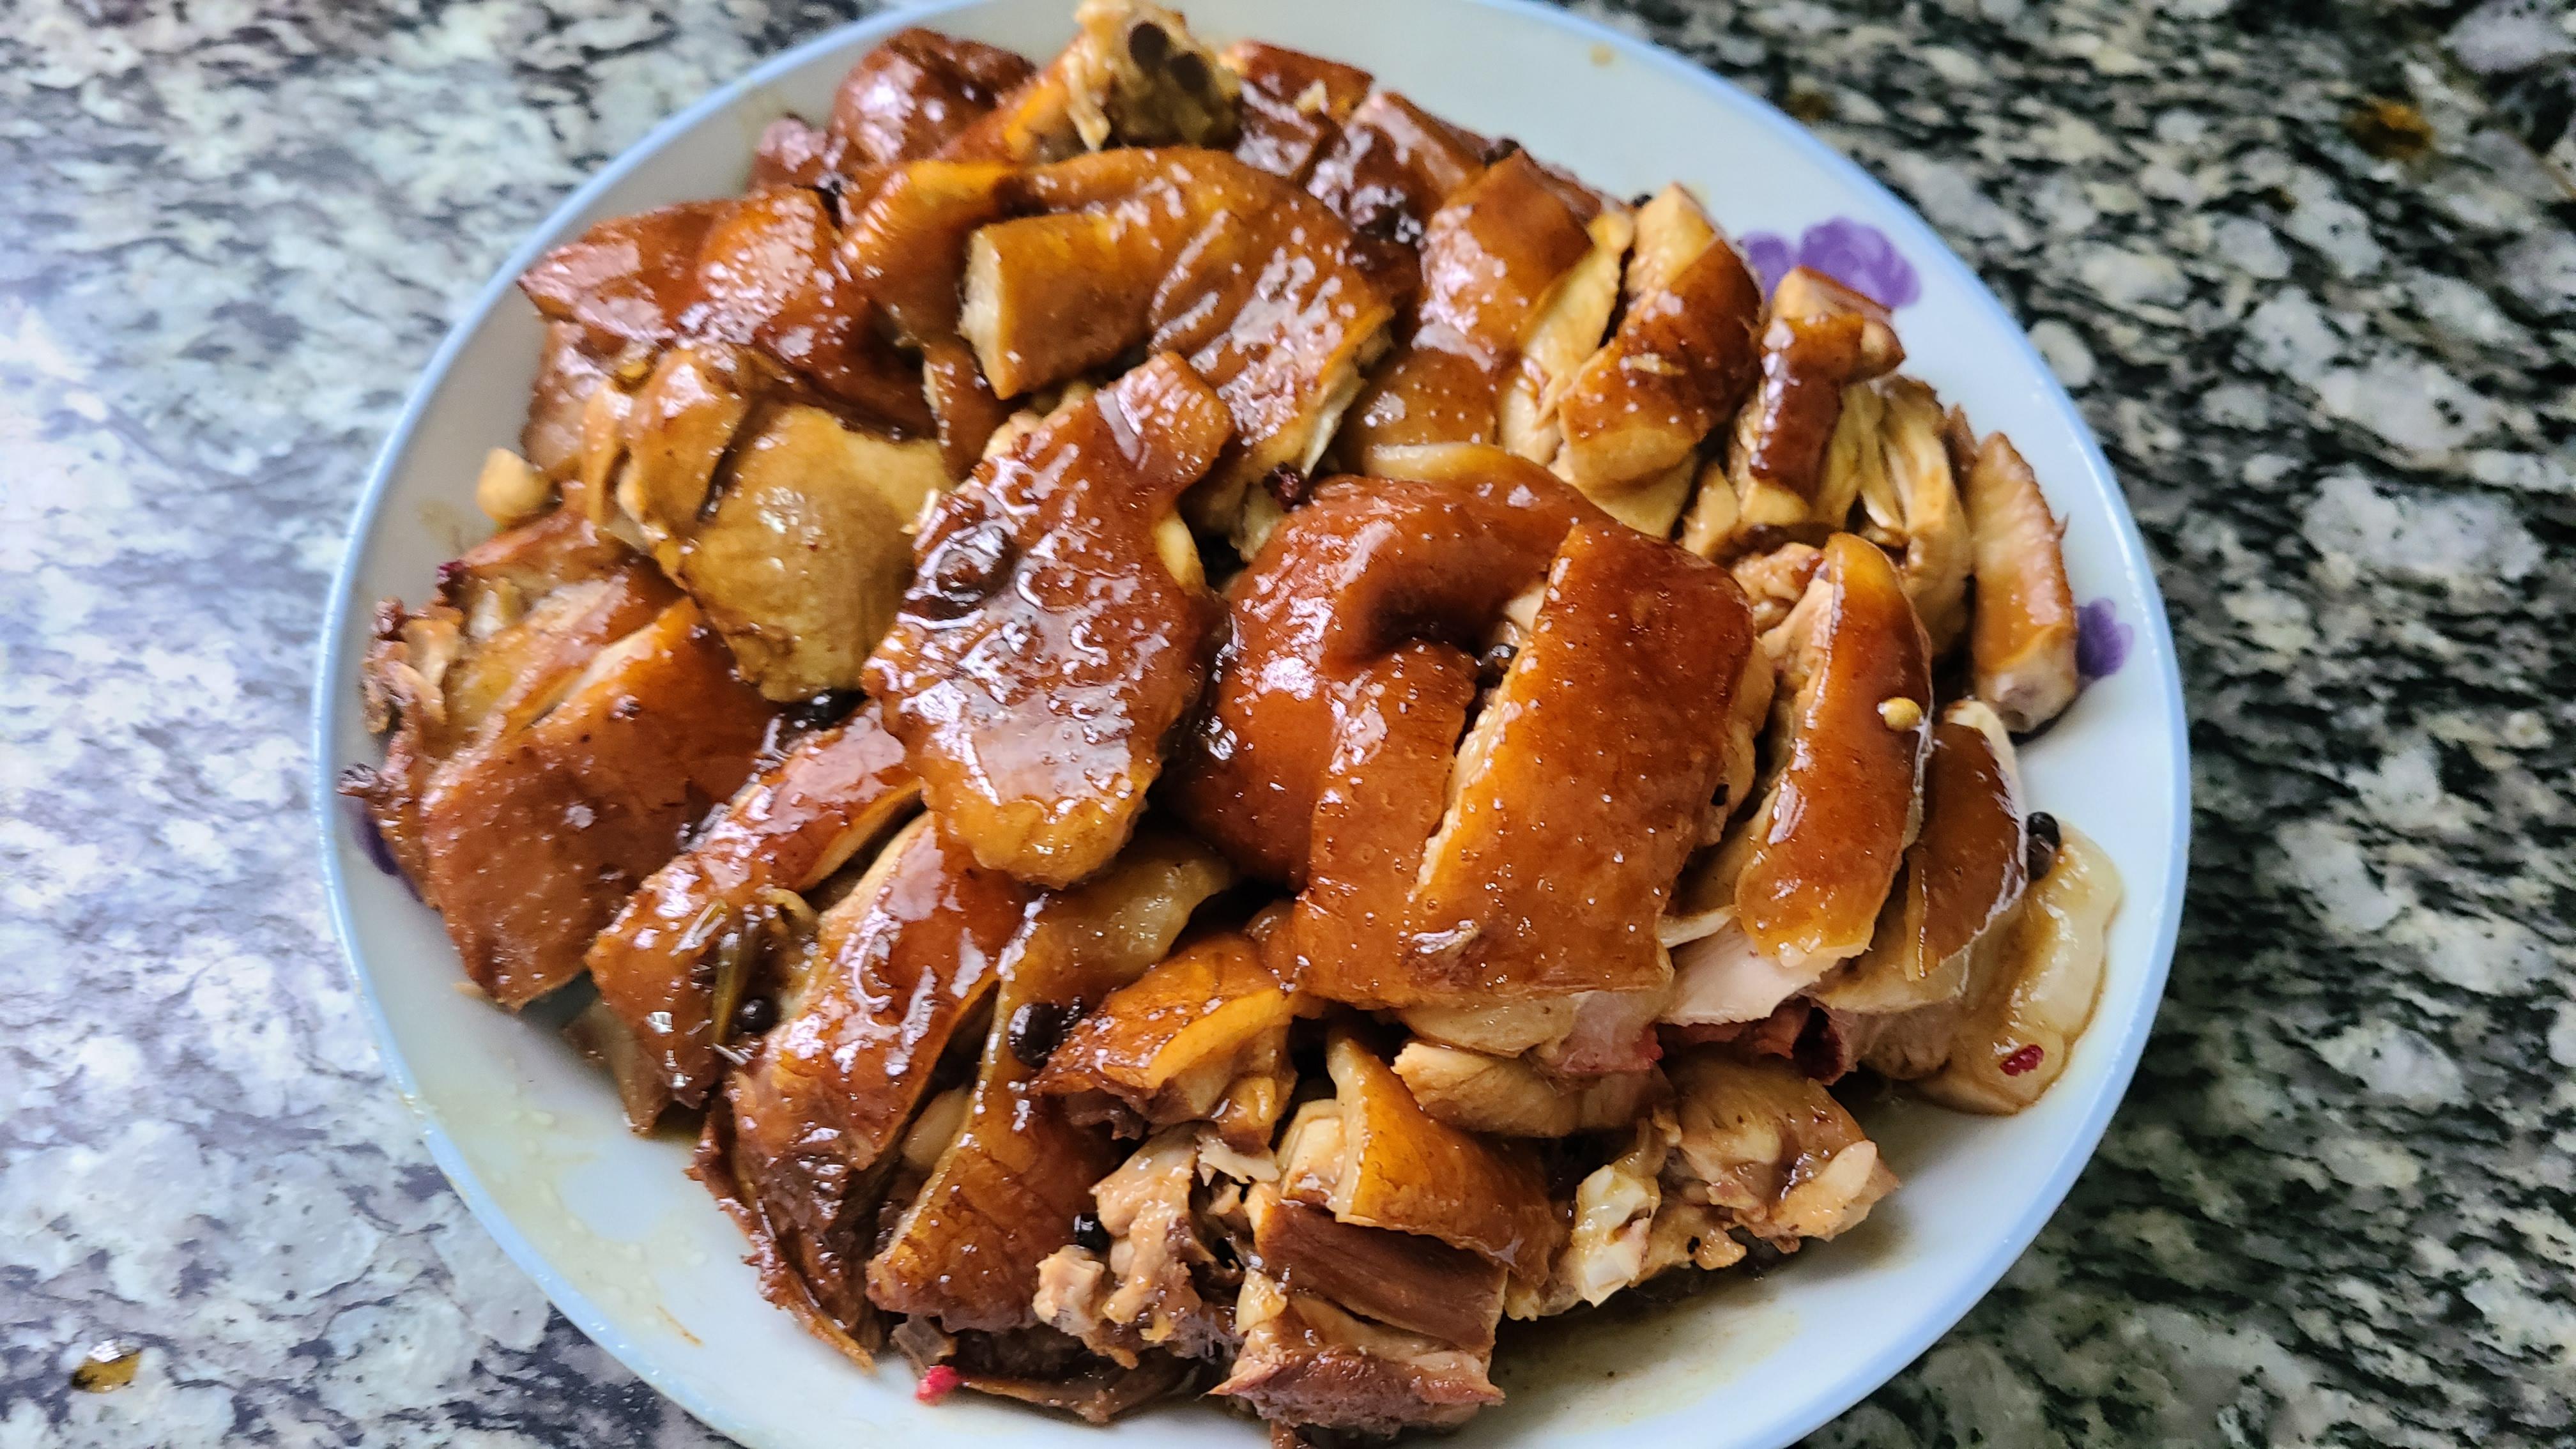 过年鸡肉这样做更香,简单做法又好吃,味道浓香又好看 美食做法 第14张